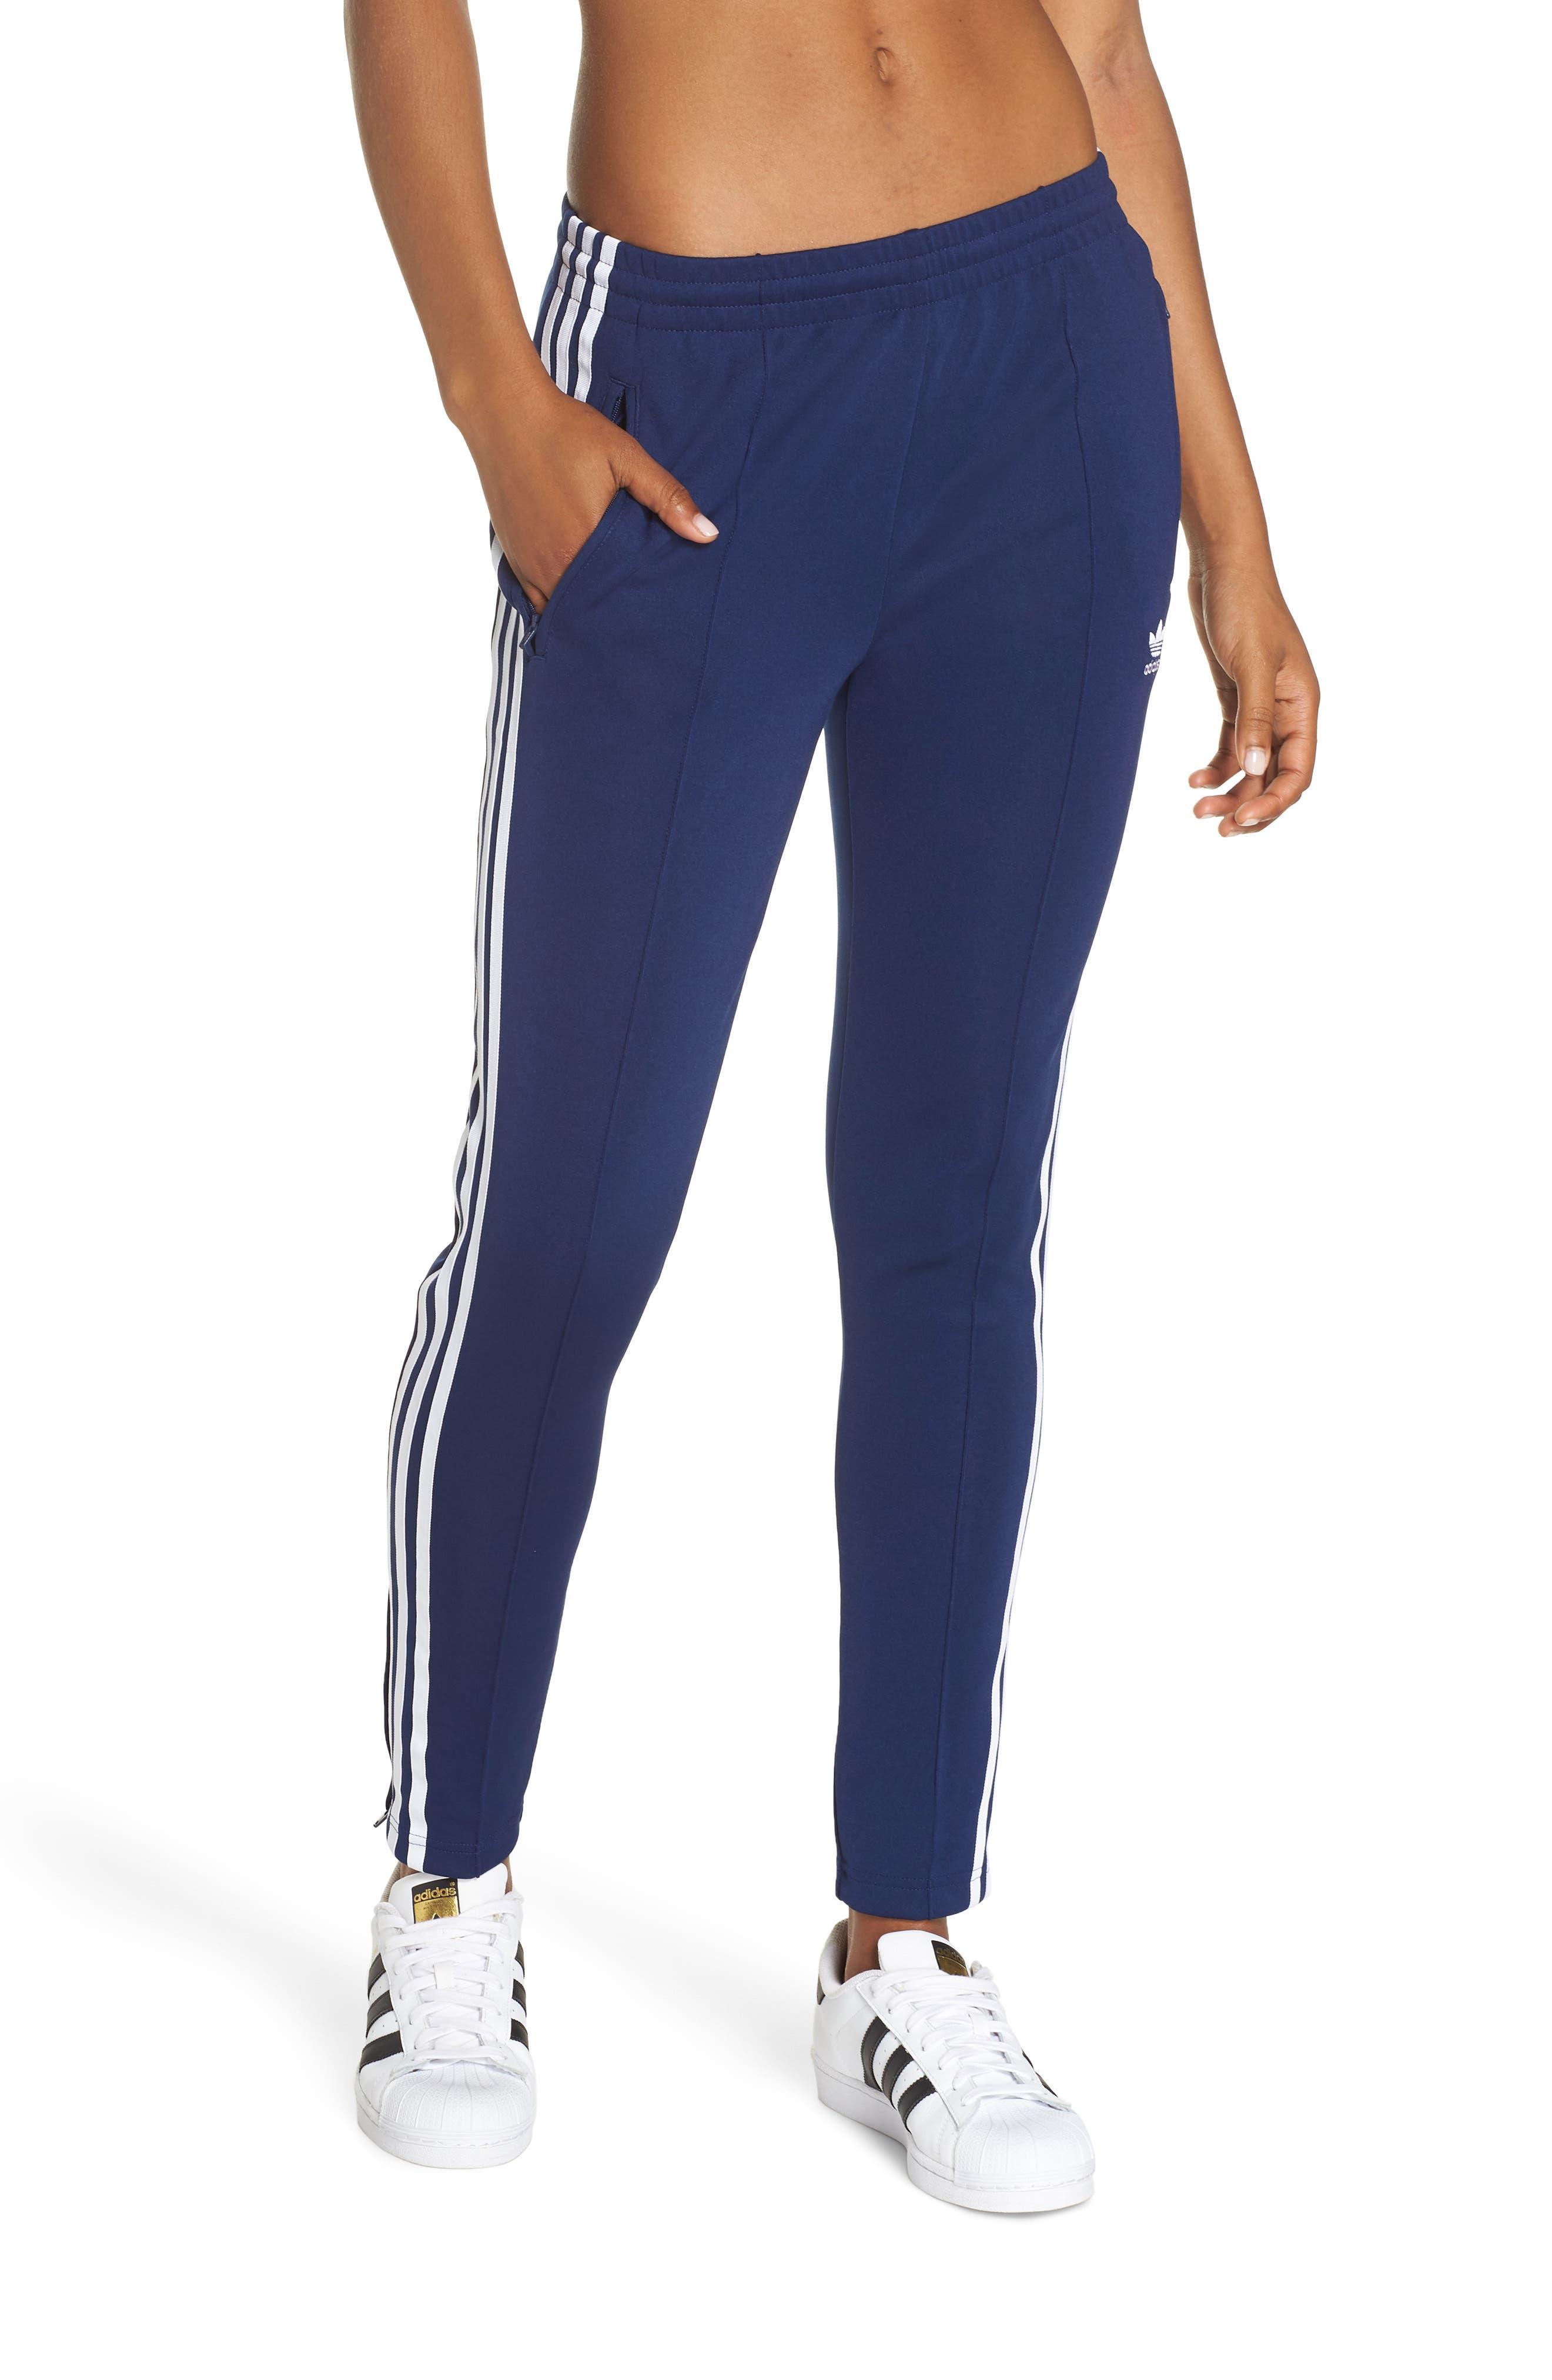 SST Track Pants,                         Main,                         color, DARK BLUE